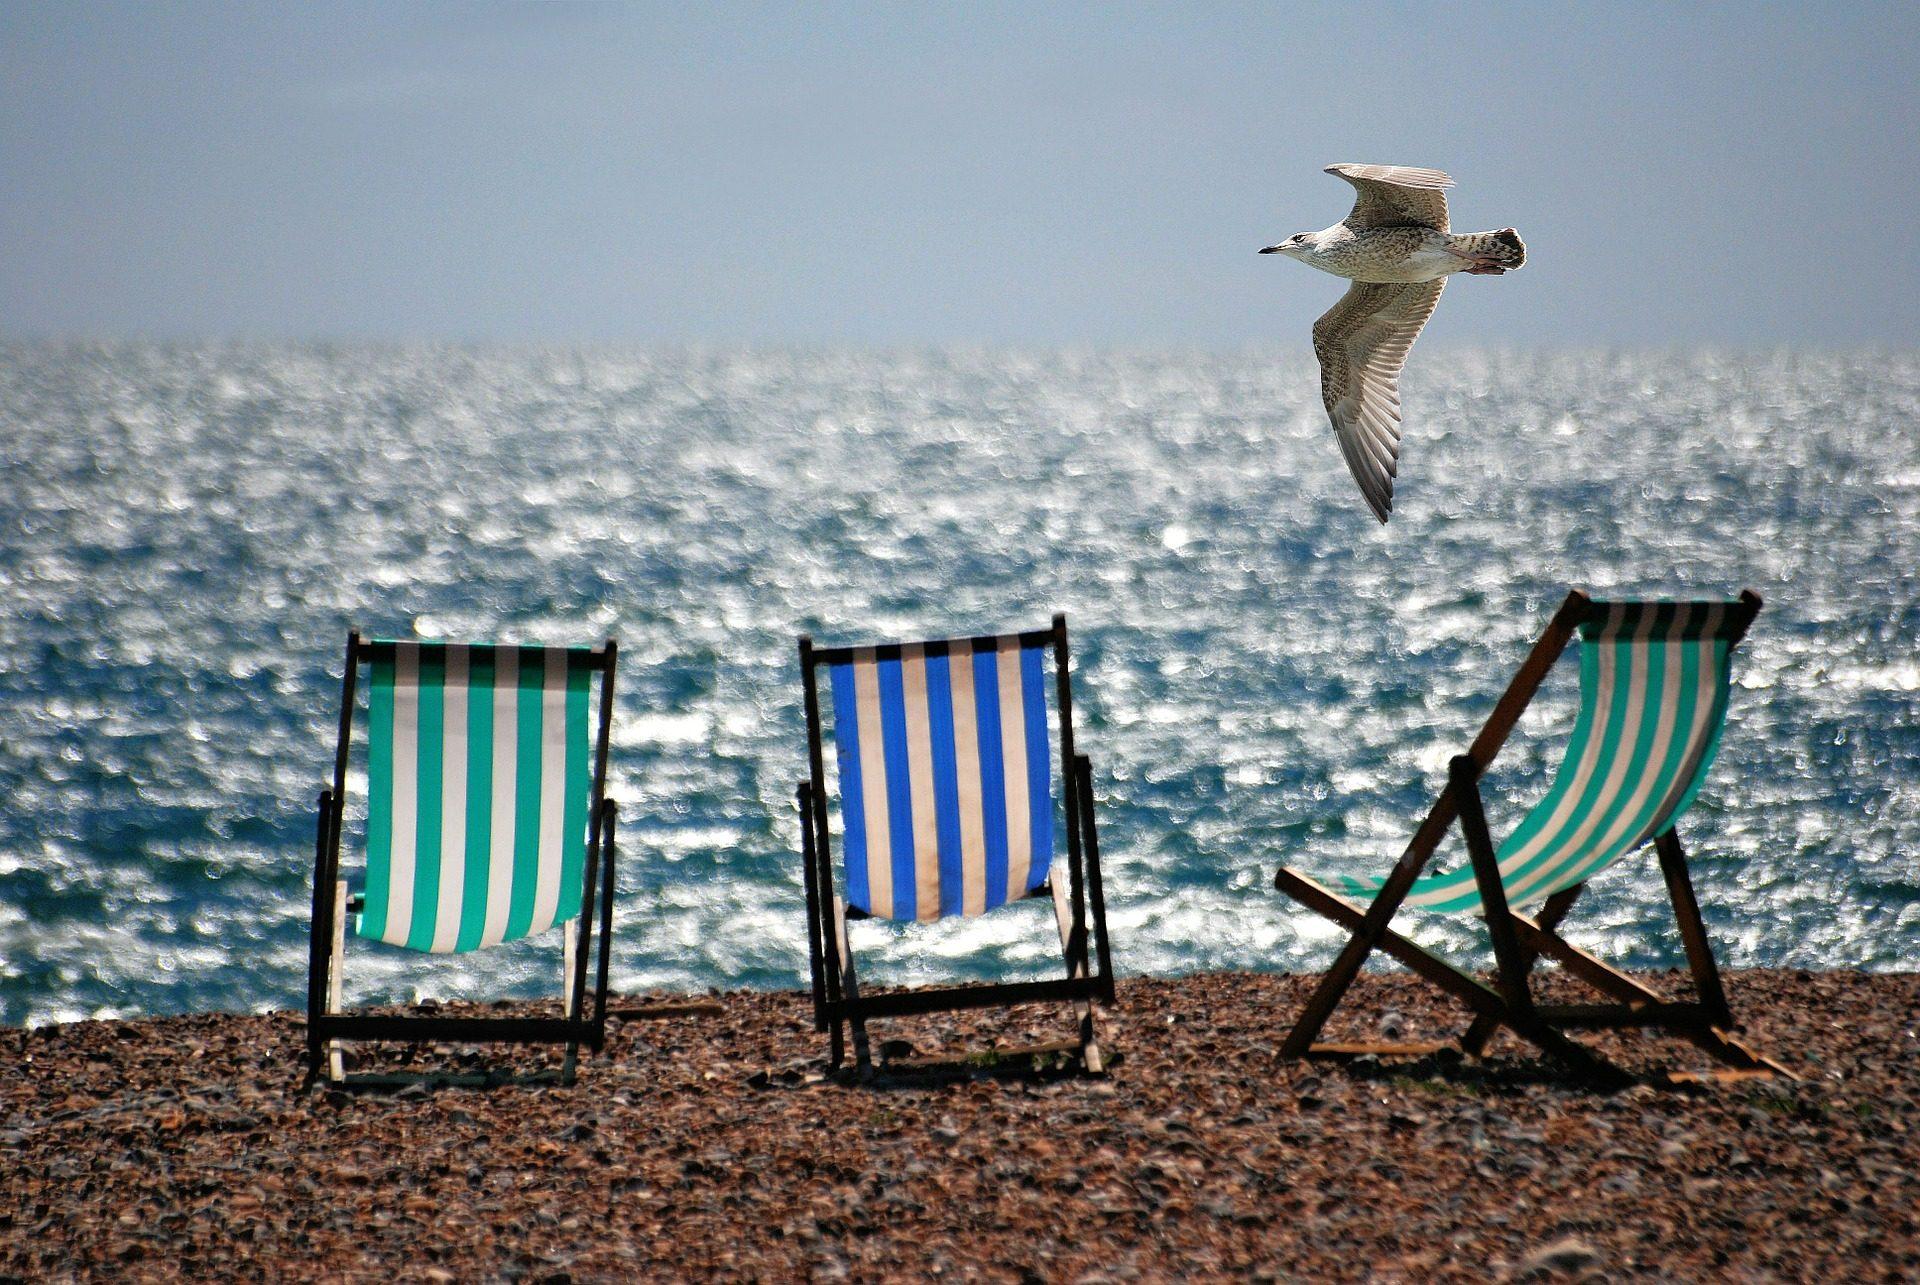 стулья, Пляж, Чайка, камни, Море - Обои HD - Профессор falken.com